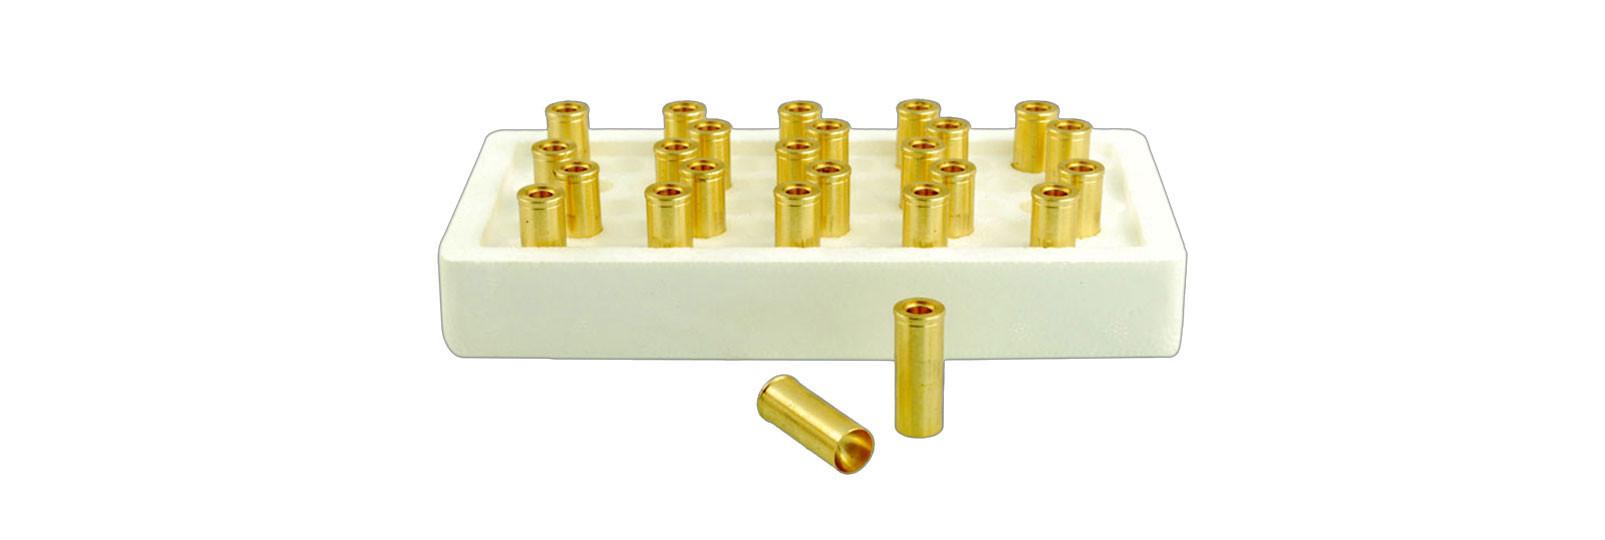 Confezione 25 bossoli ottone per tiro indoor